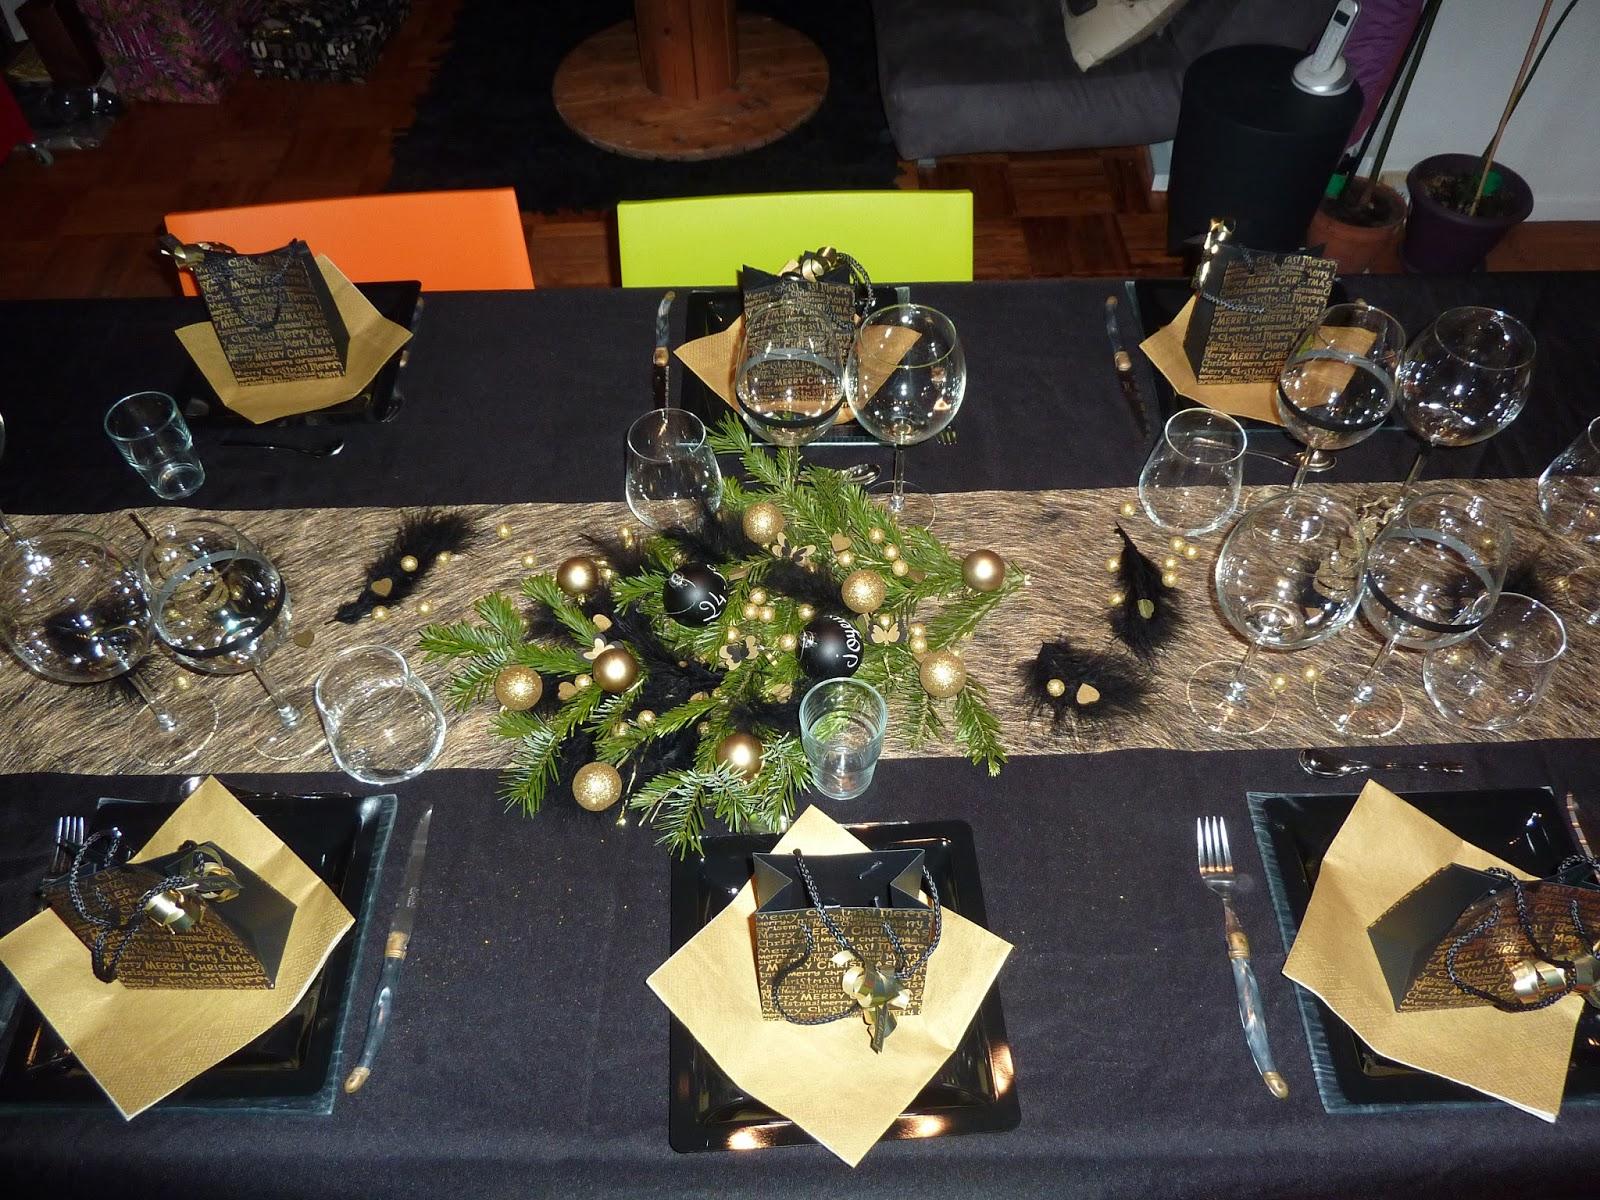 #AD551E Anelore Scrap&cie: Décoration De Table De Noël : Noir Et Or 6569 decoration table de noel noir et or 1600x1200 px @ aertt.com